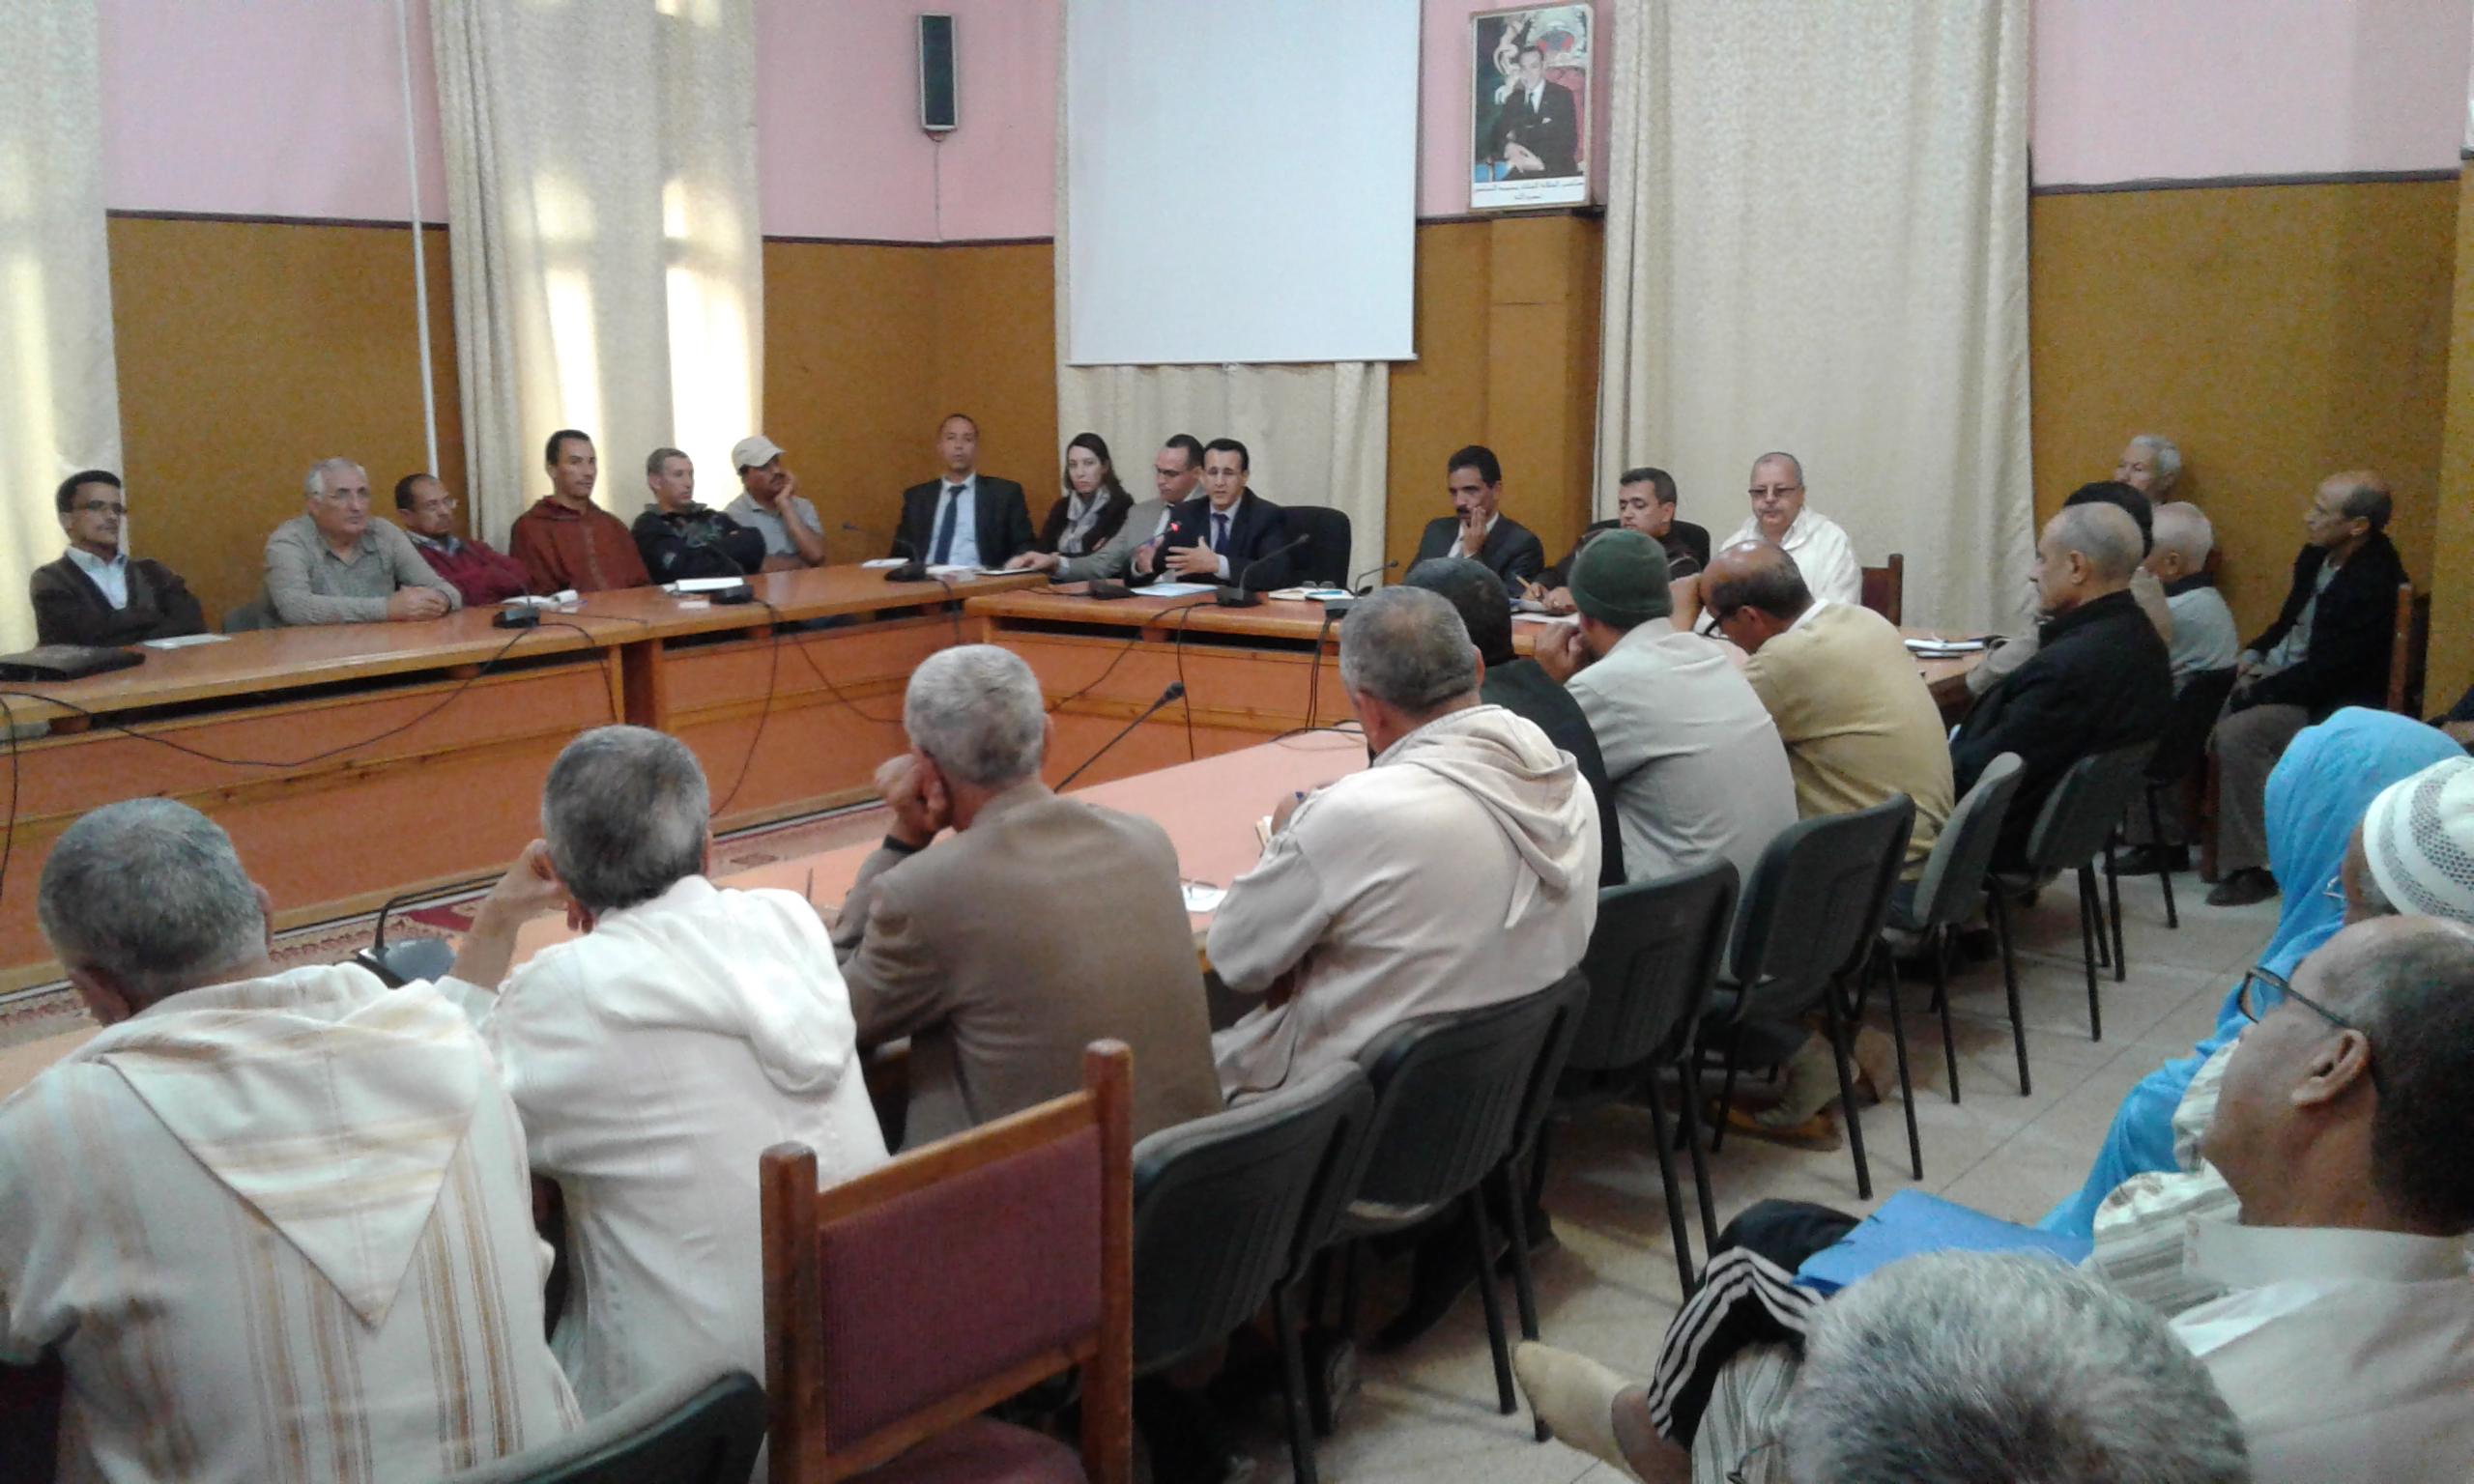 لقاءات محلية على مستوى الدوائرالادارية والباشويات باقليم تيزنيت للتعبئة حول تاهيل المؤسسات التعليمية